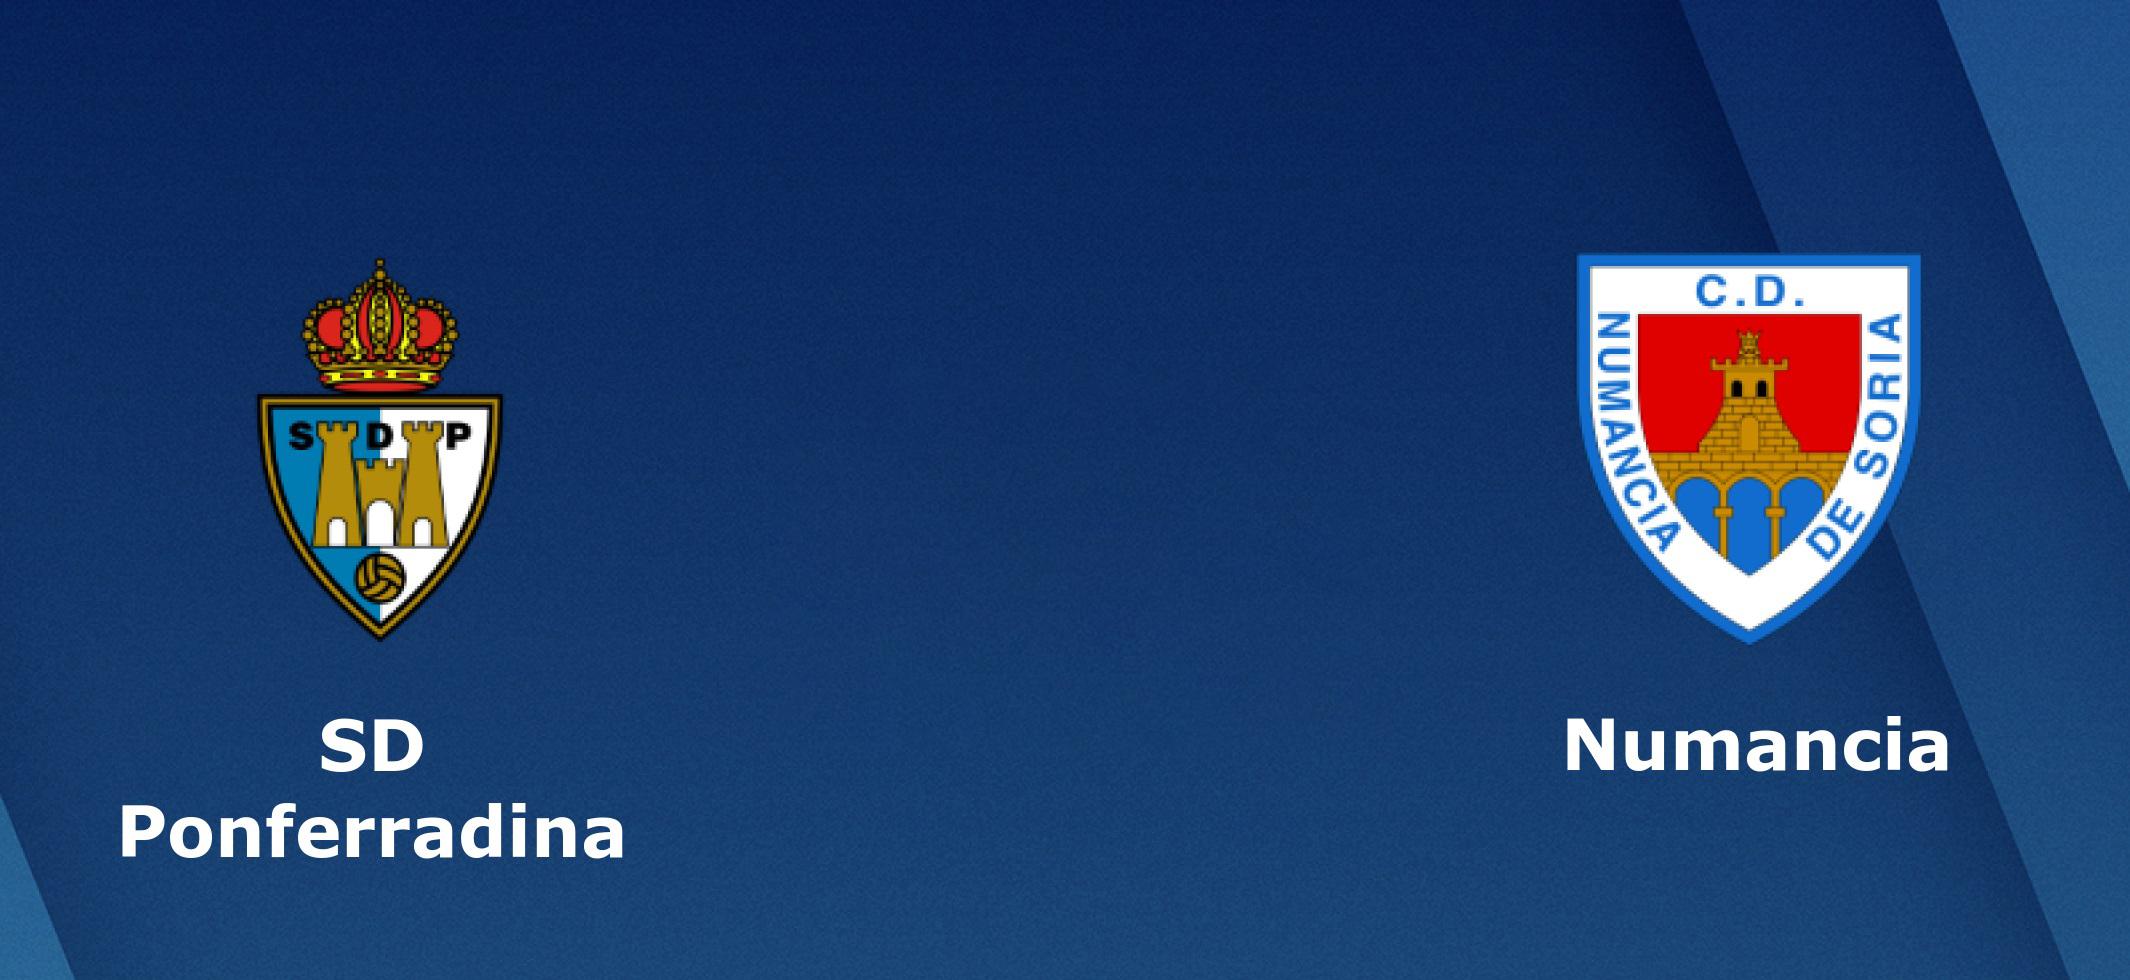 tip-bong-da-tran-sd-ponferradina-vs-numancia-–-21h00-19-10-2019-–-giai-hang-2-tay-ban-nha-fa (1)